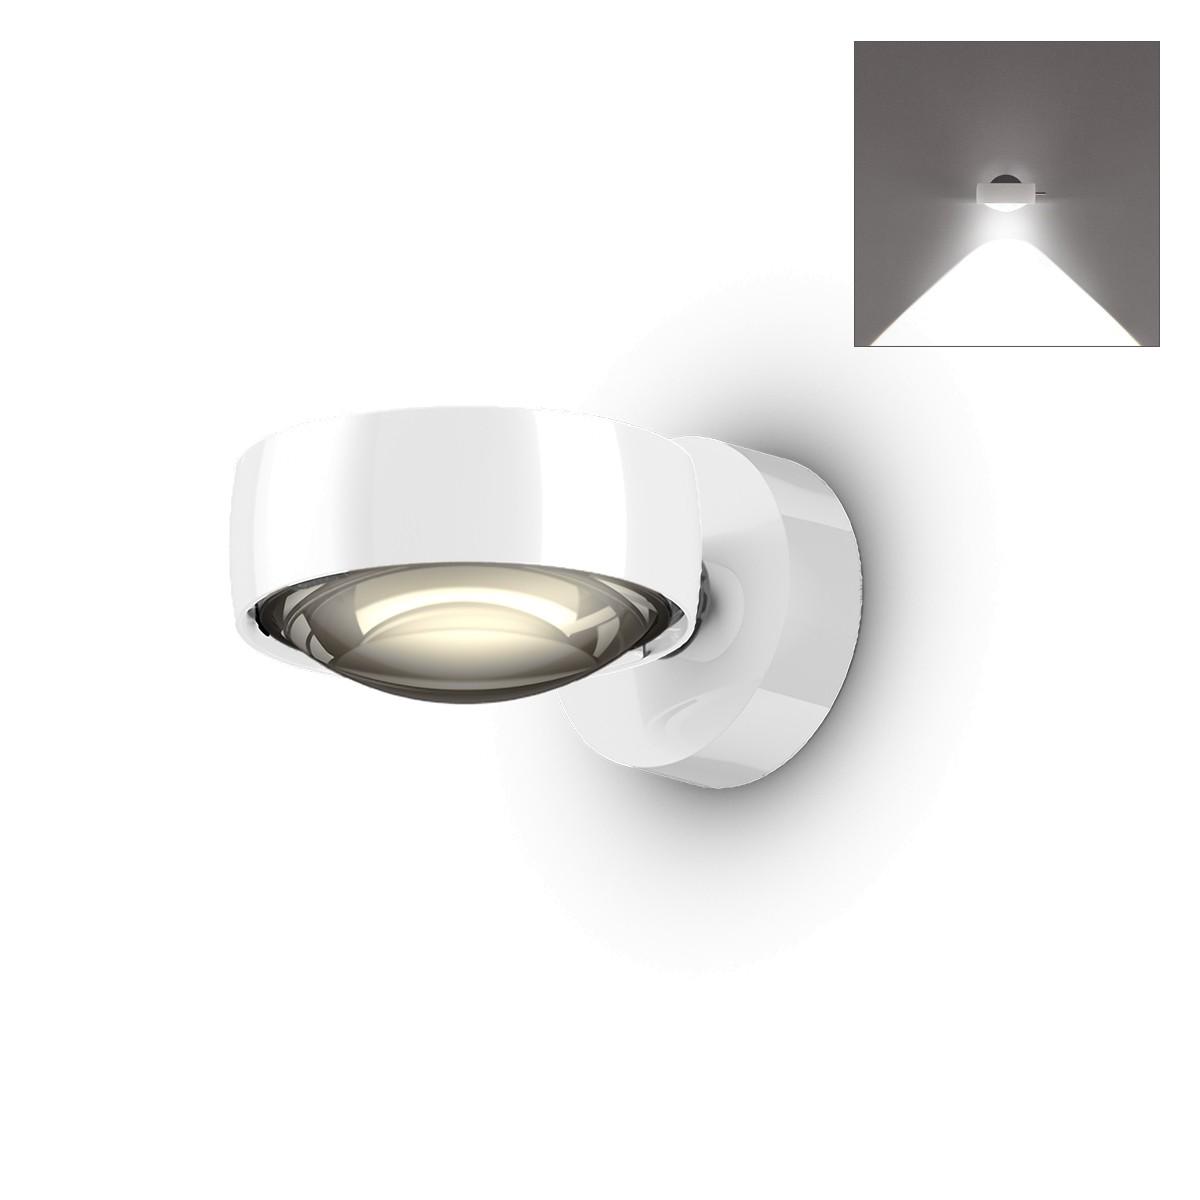 Occhio Sento C LED verticale up Wandleuchte, 2700 K, Chrom / weiß glänzend